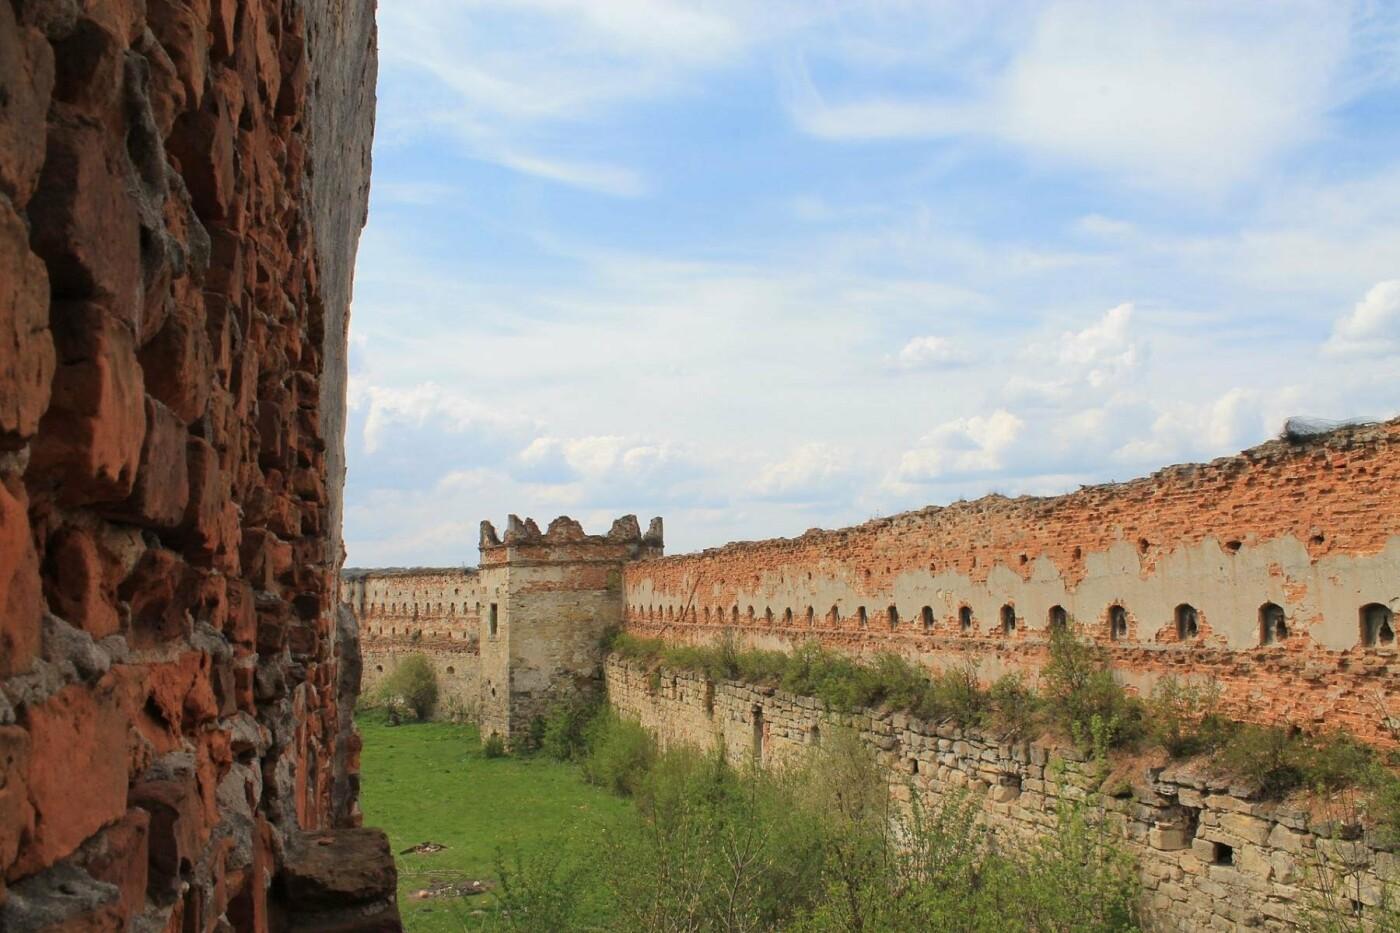 Невероятная Украина. От Луцка до Львова: 9 замков, подземелья и лавра (ФОТО, КАРТА, ЦЕНЫ), фото-44